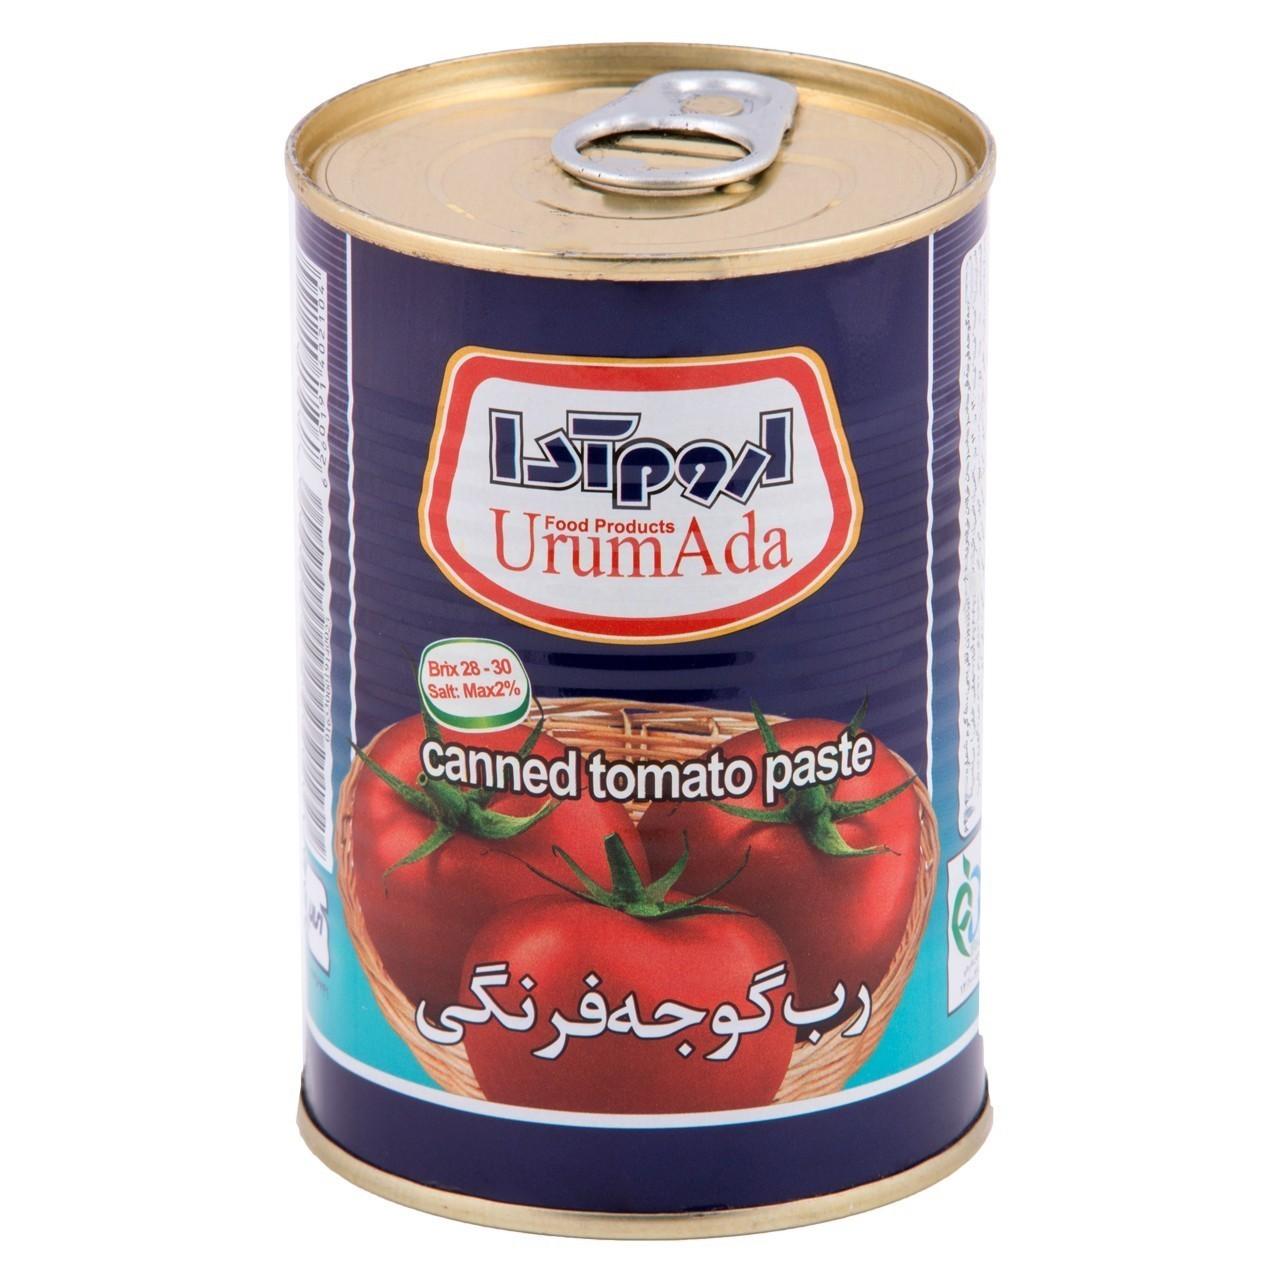 کنسرو رب گوجه فرنگی اروم آدا مقدار ۷۰۰ گرم